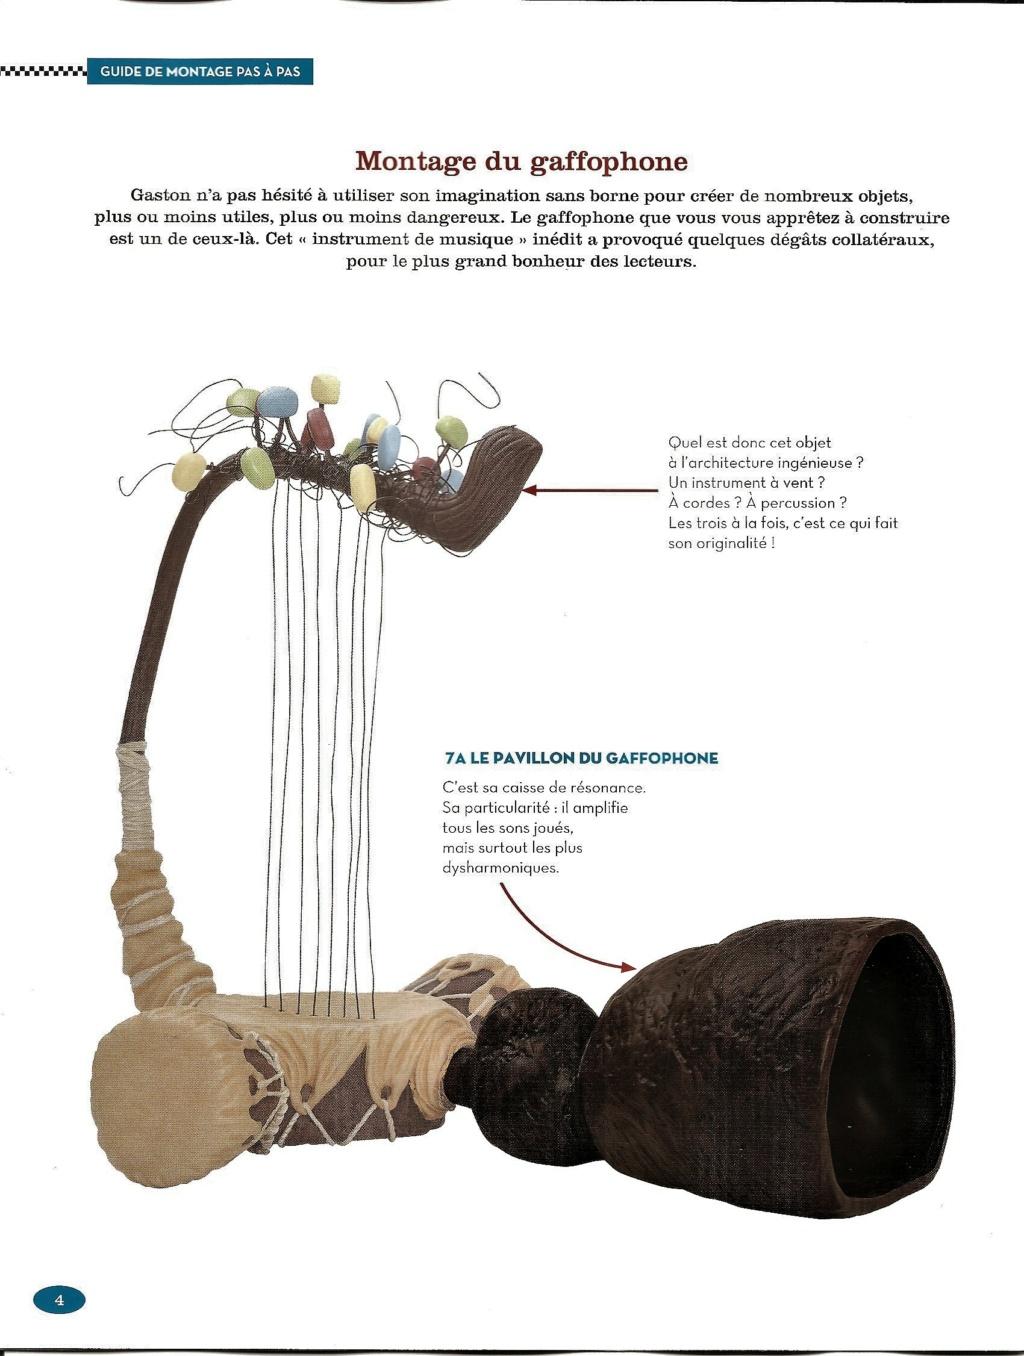 """Construction, par Glénans, de la """"Voiture de Gaston"""" au 1/8, de chez Hachette - Page 4 Dscn1297"""